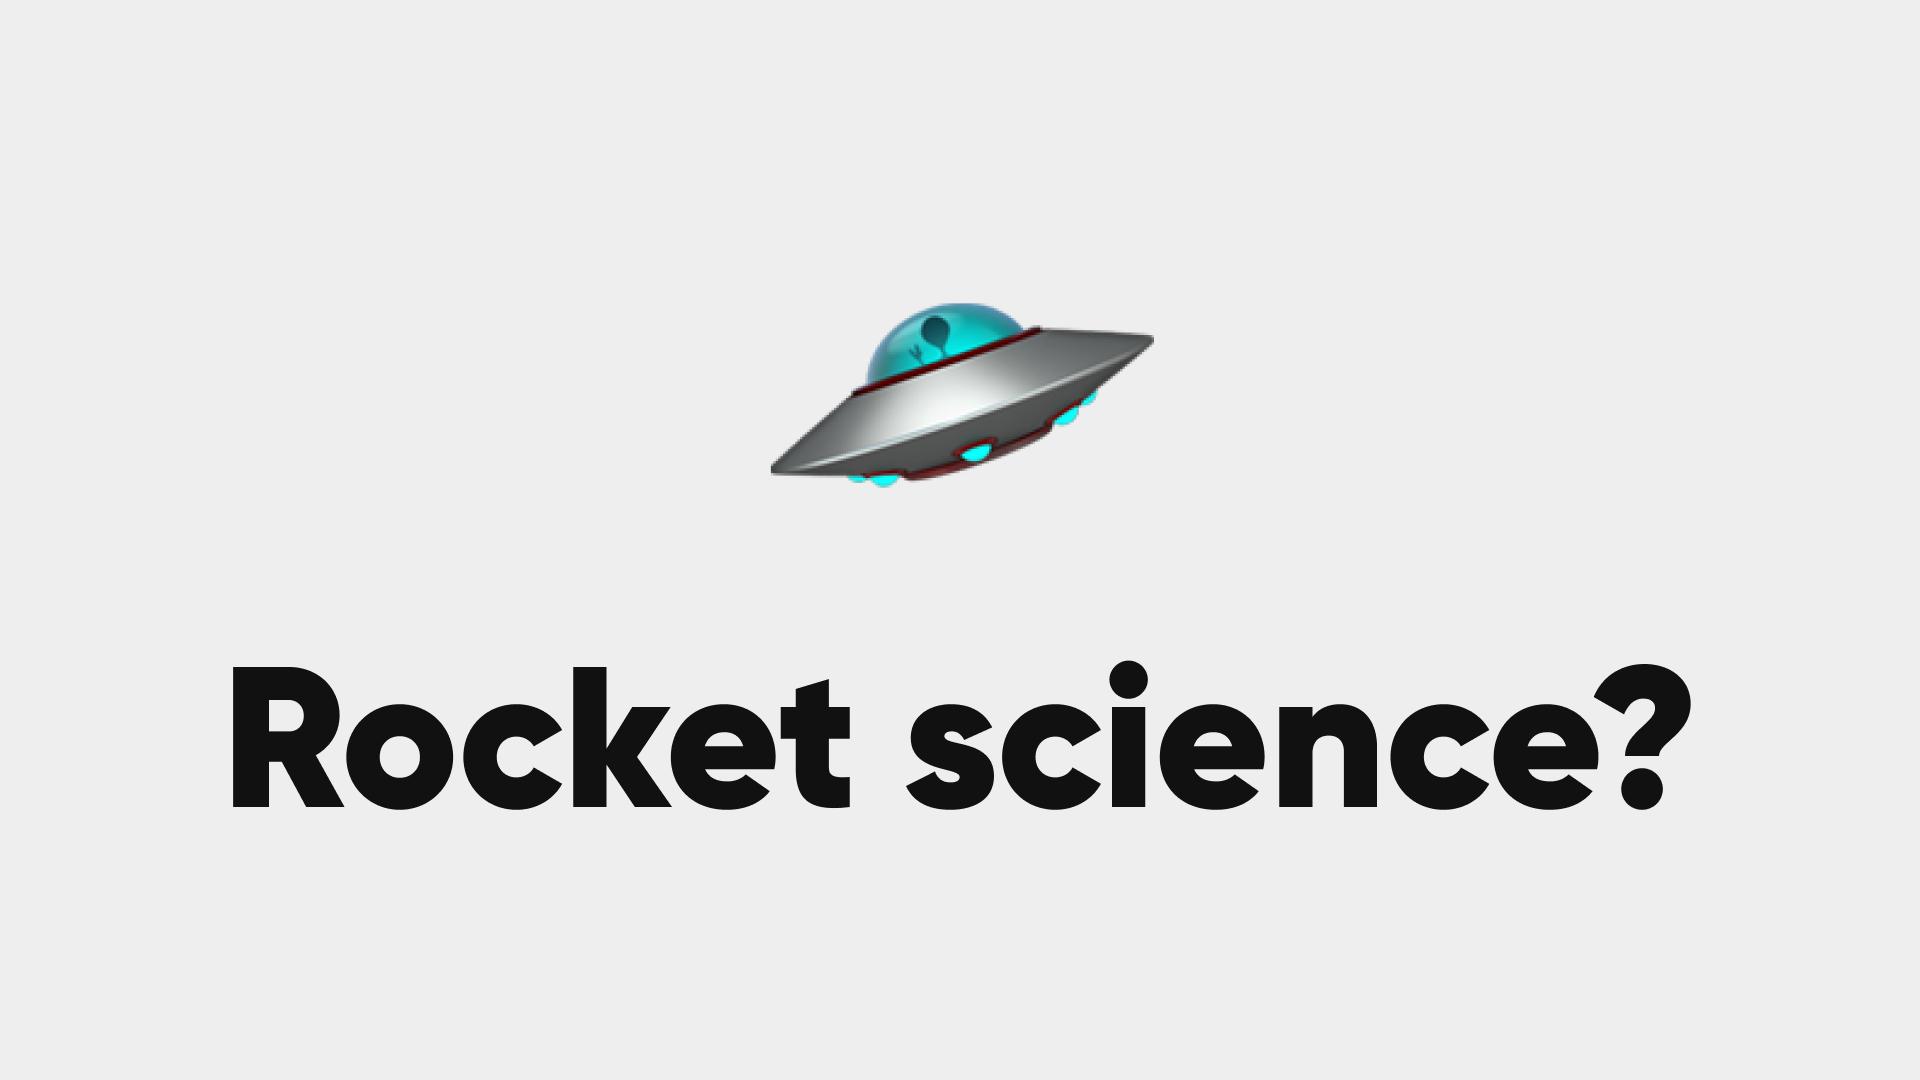 Eine Corporate Website ist keine Rocket Science, einfach gute Planung.